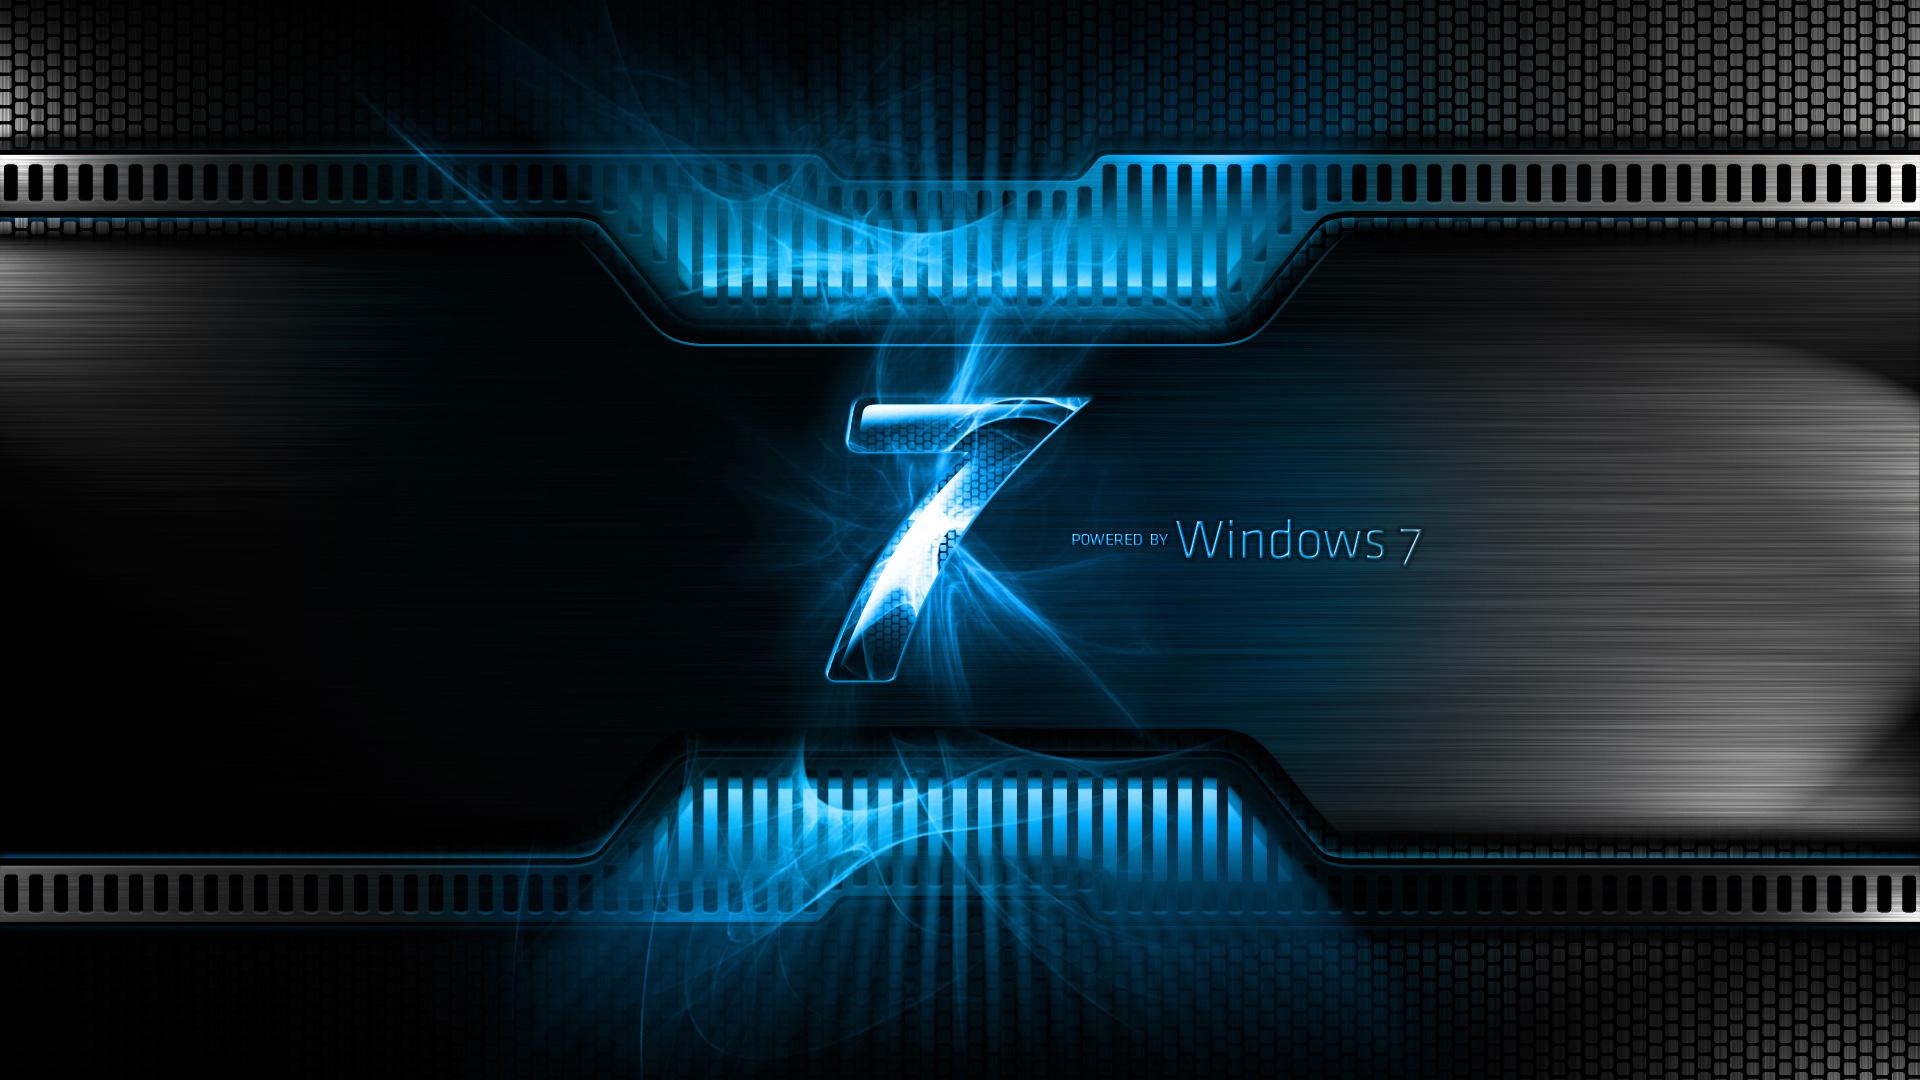 Windows 7 HD wallpaper 7 1920x1080